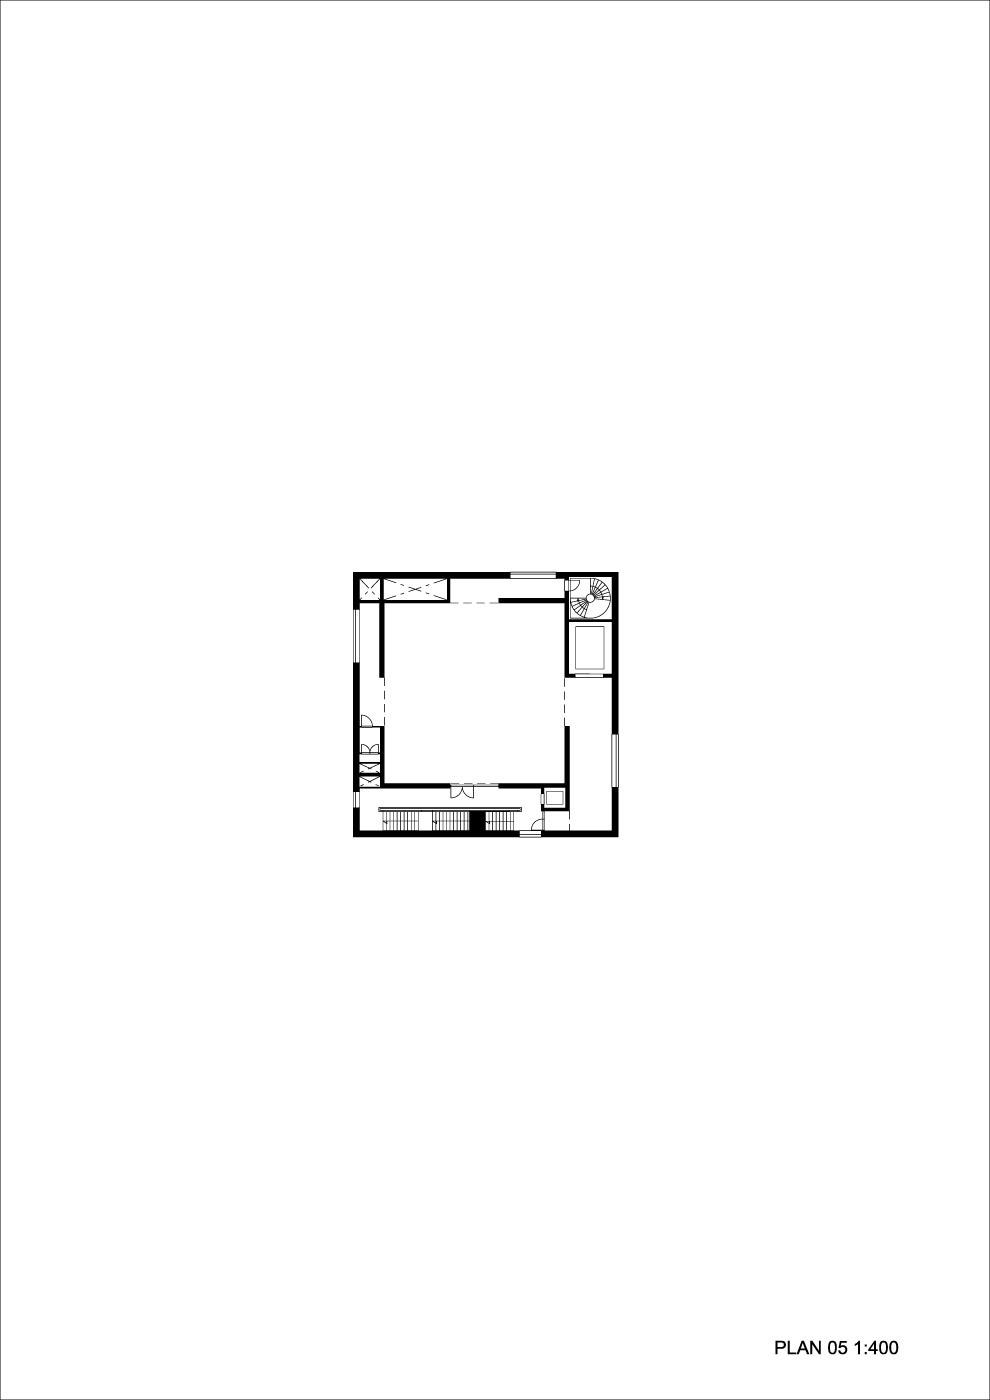 Floor plan 05 (Illustration: Henning Larsen Architects)